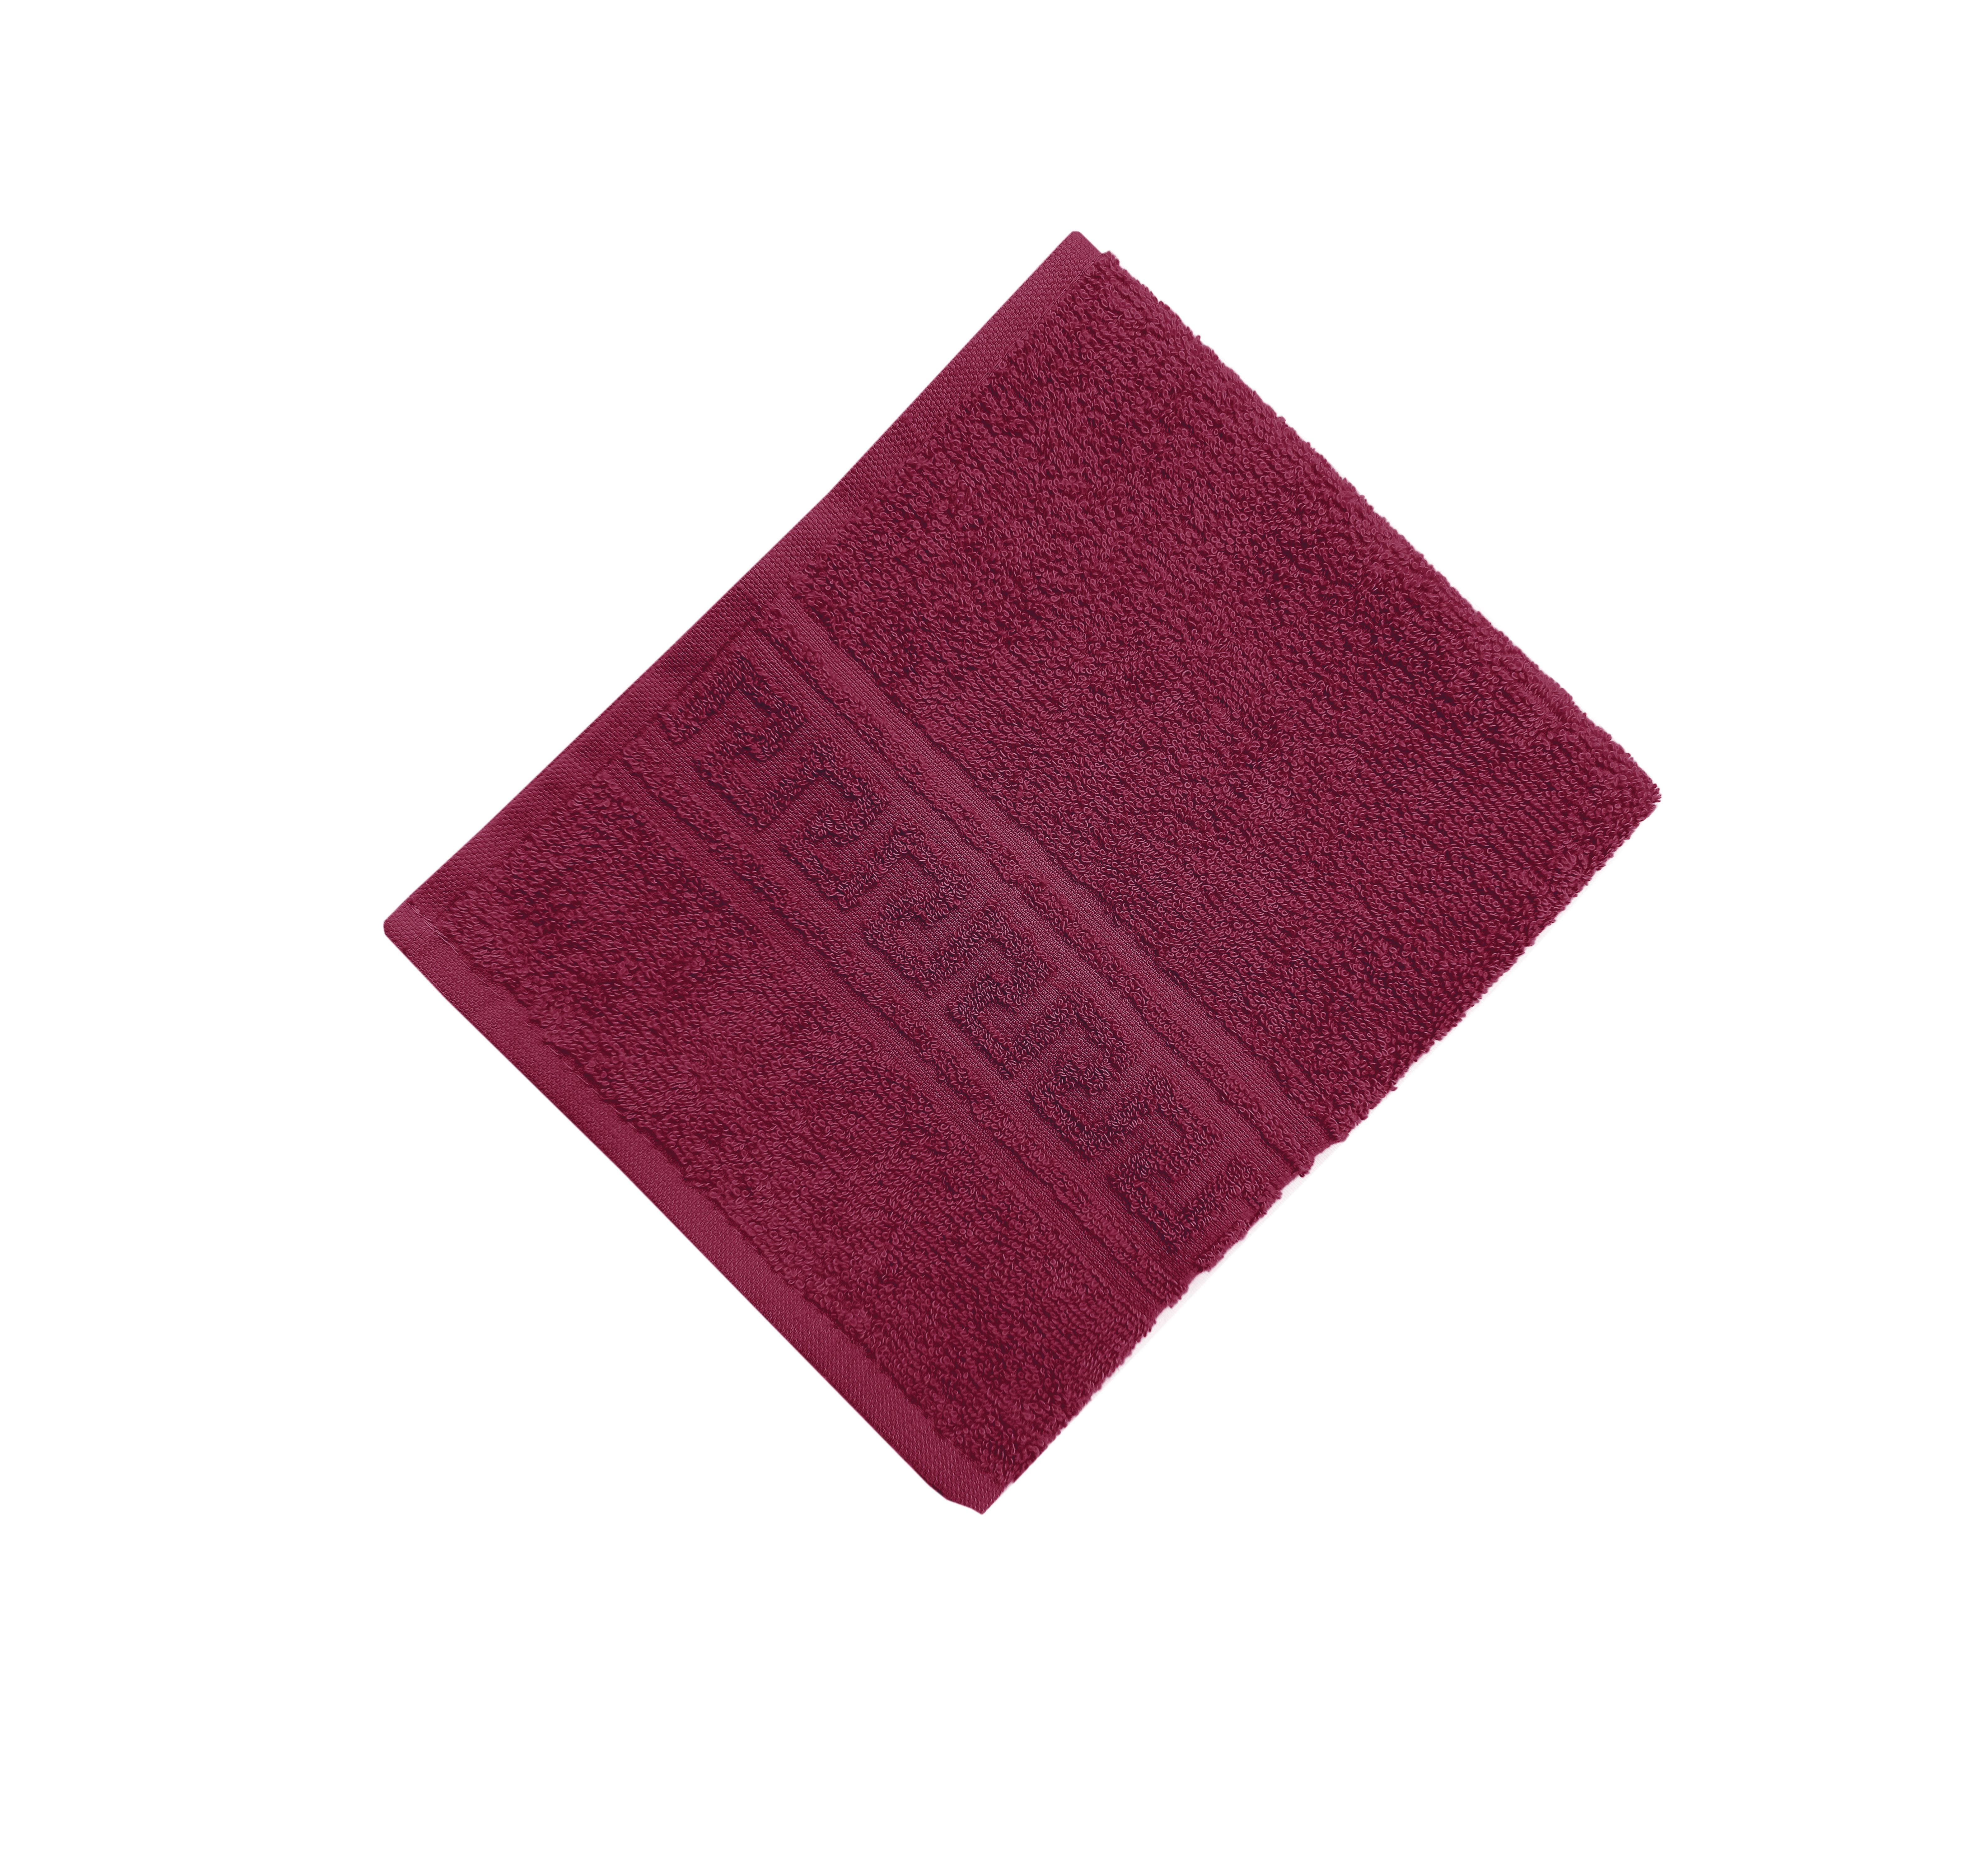 Махровое гладкокрашенное полотенце 70*140 см 380 г/м2 (Бордовый)